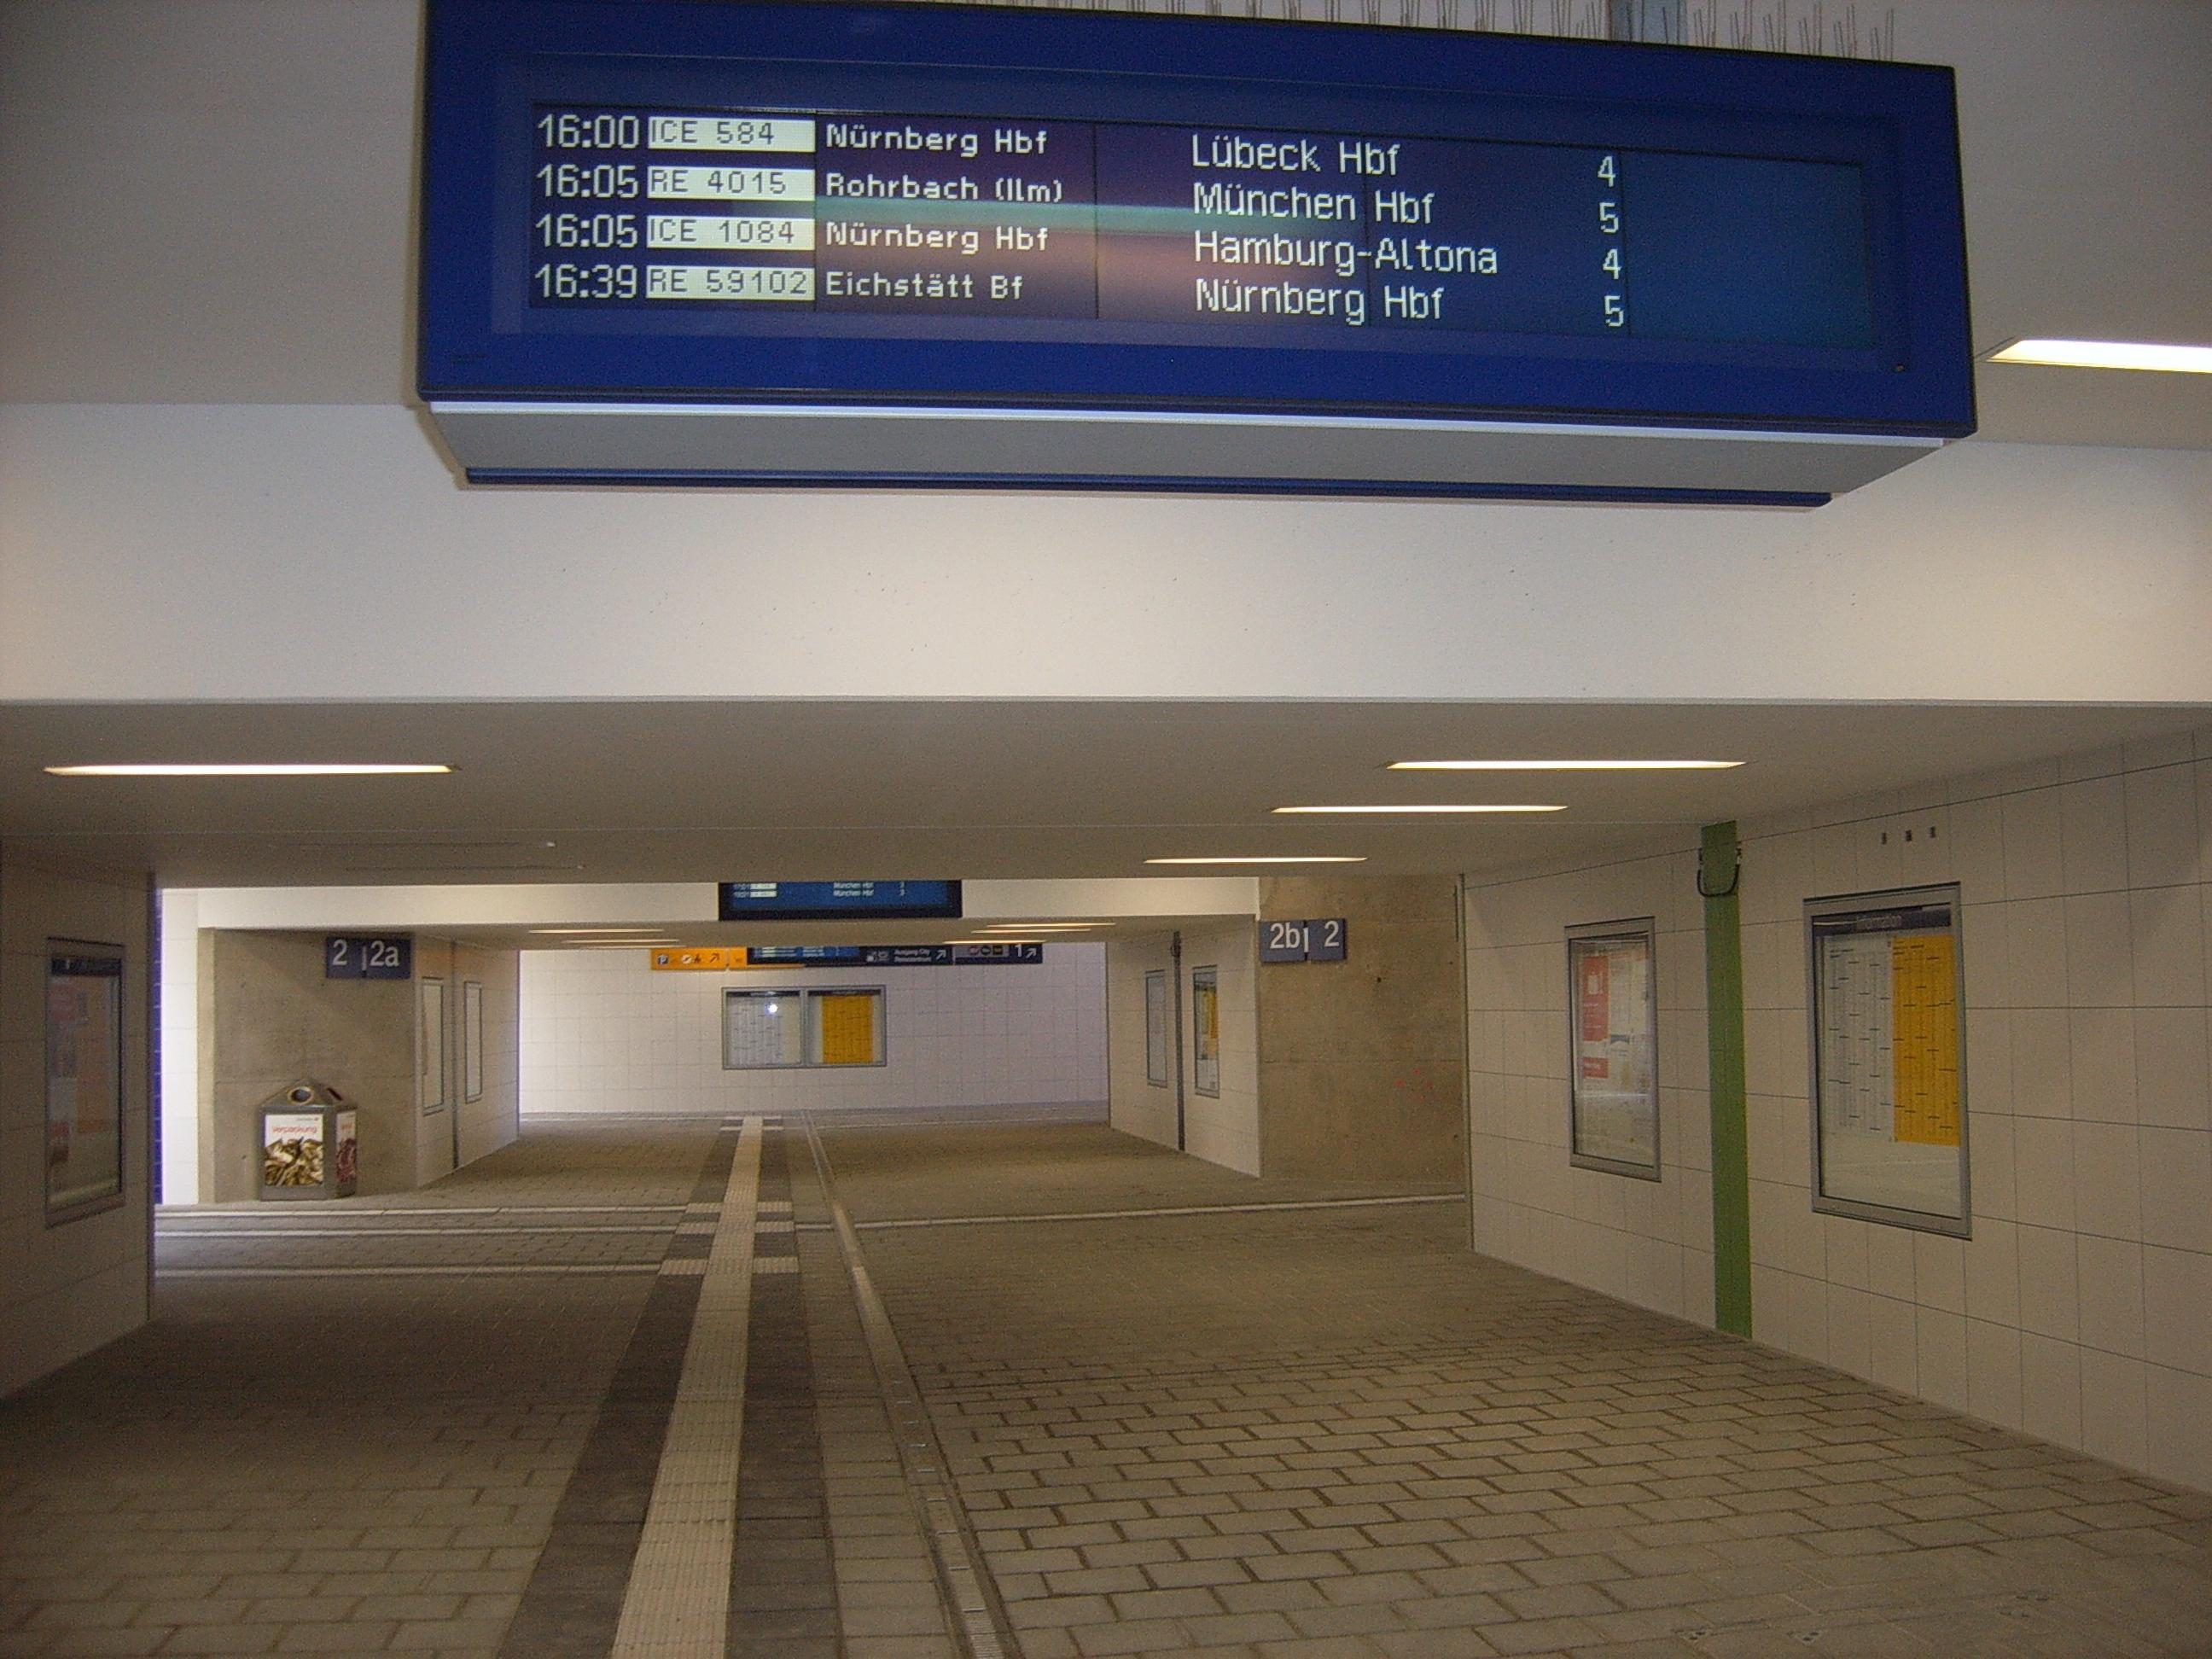 Baufirmen Lübeck baufirmen ingolstadt 28 images baufirmen ingolstadt compare